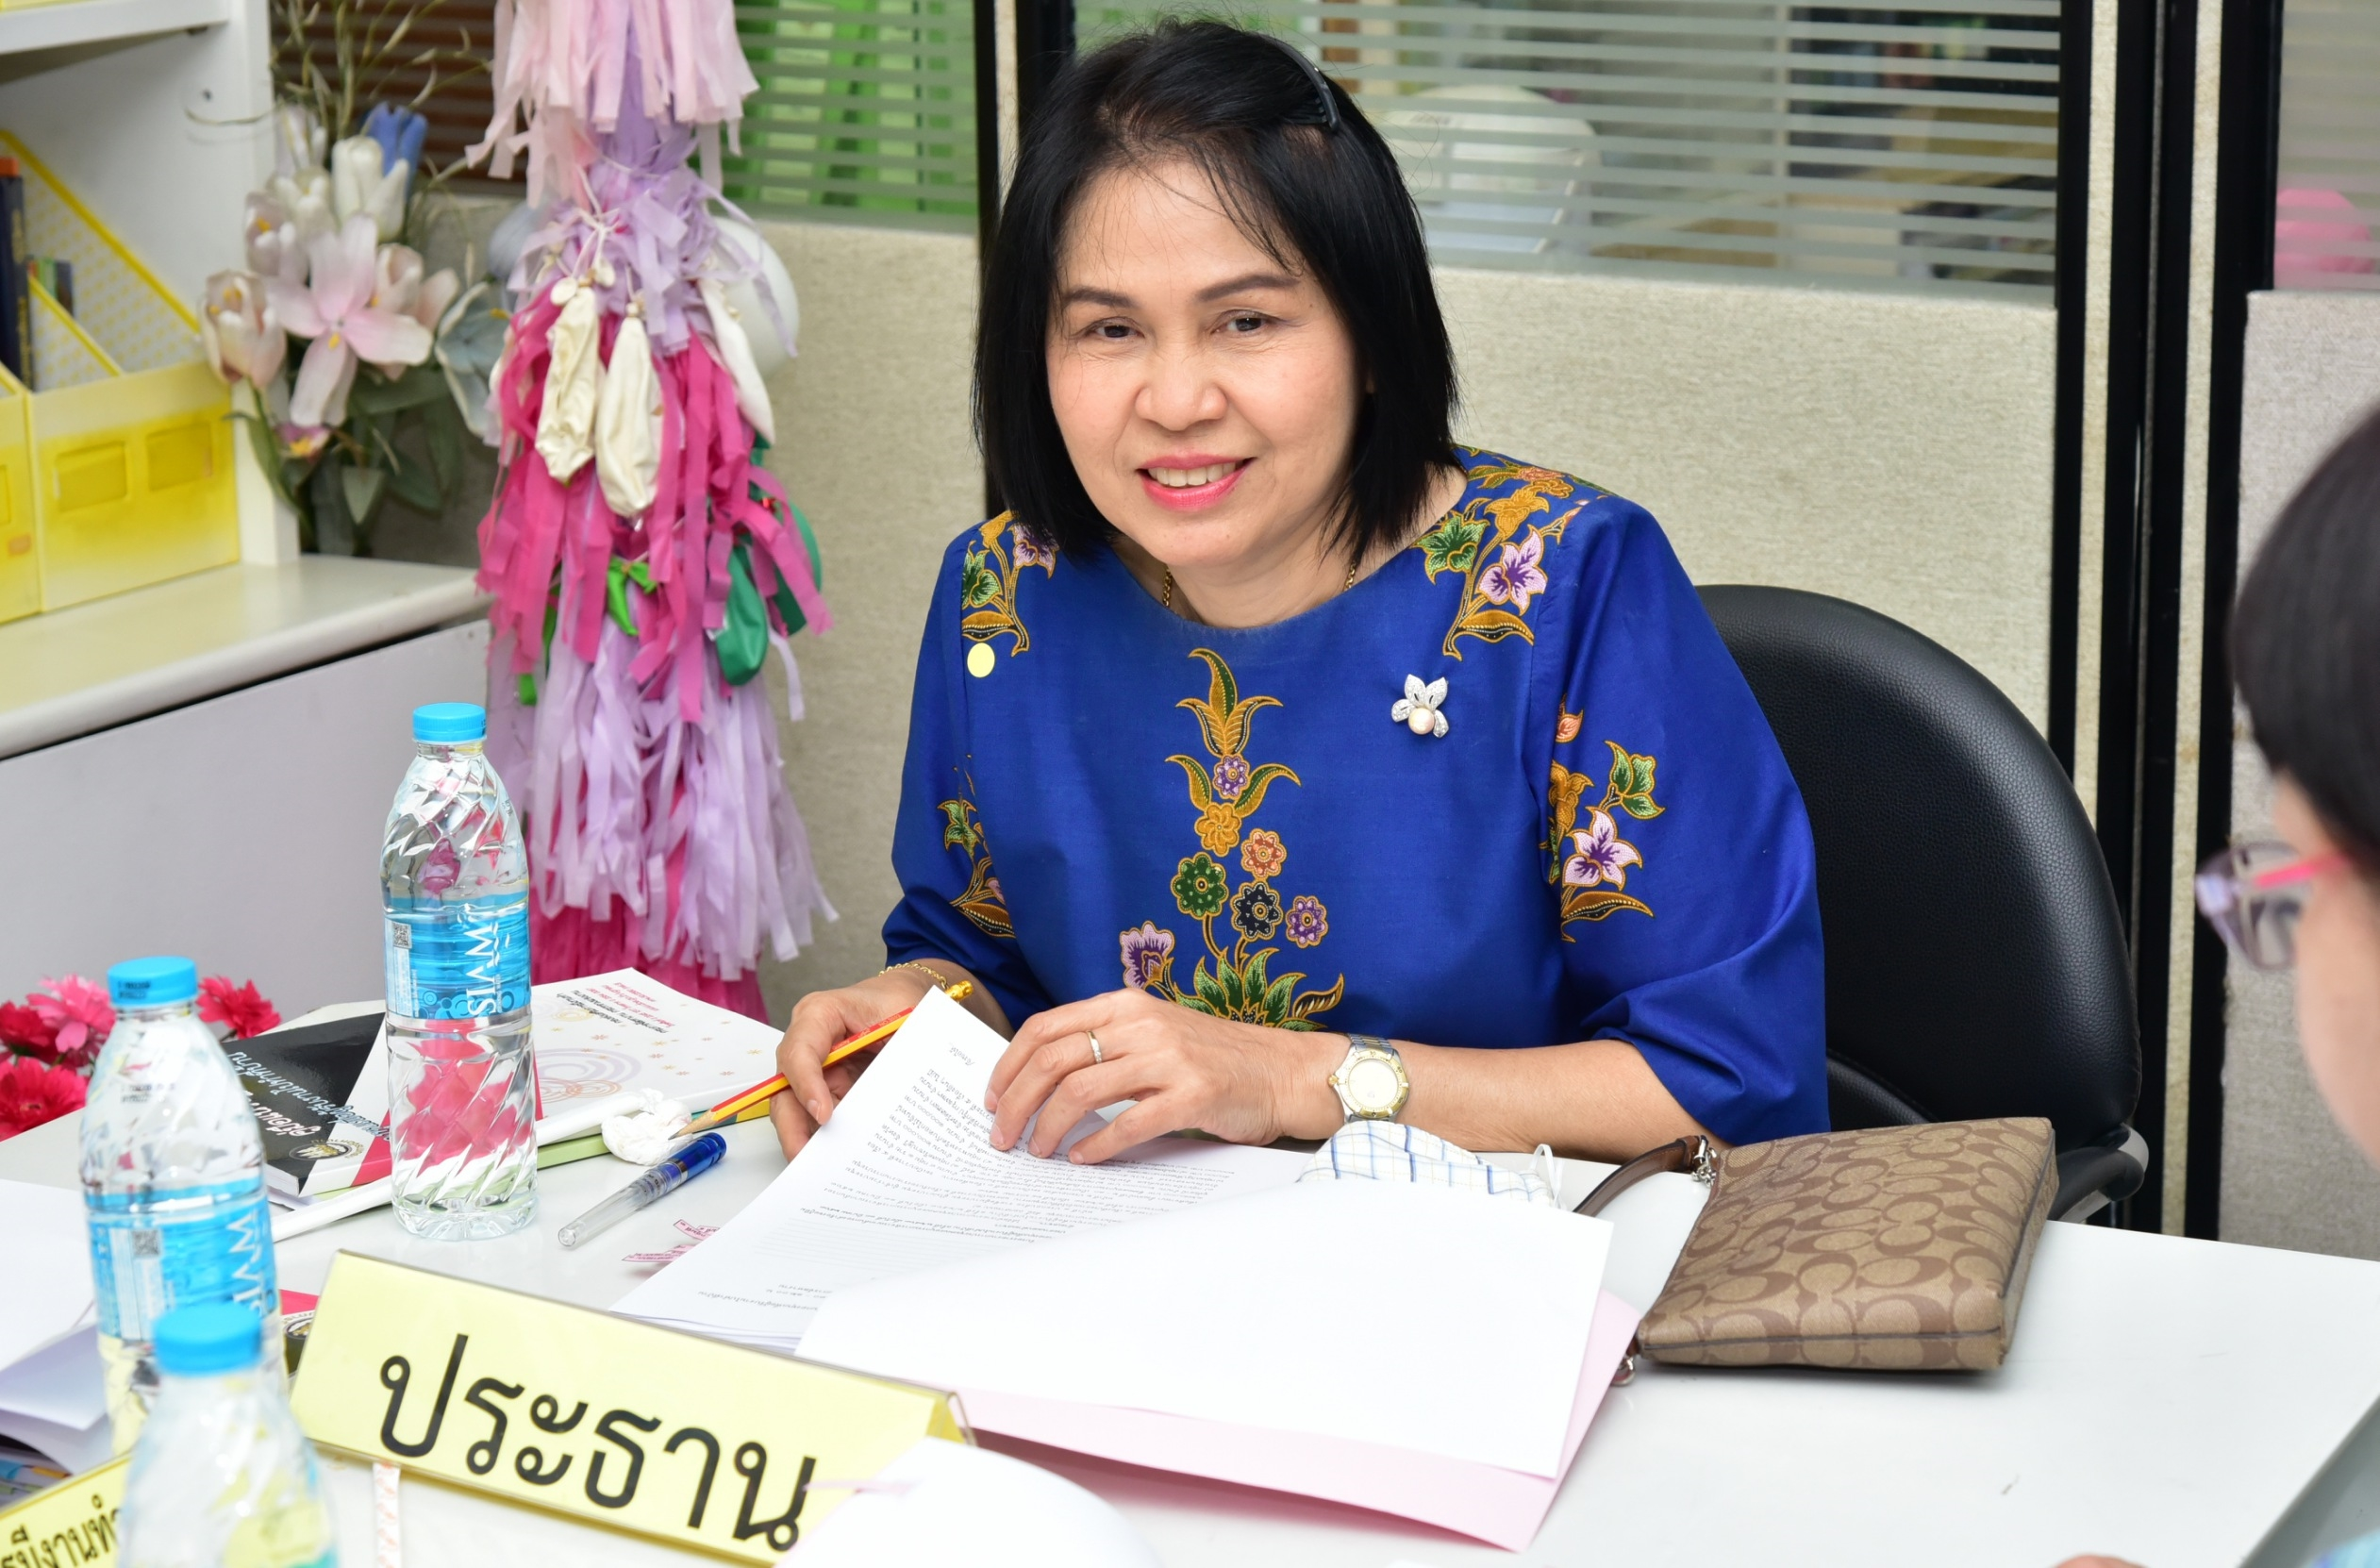 กรมการจัดหางาน ประชุมคณะอนุกรรมการพิจารณากลั่นกรองคำร้องขอกู้ยืมเงินกองทุนเพื่อผู้รับงานไปทำที่บ้าน